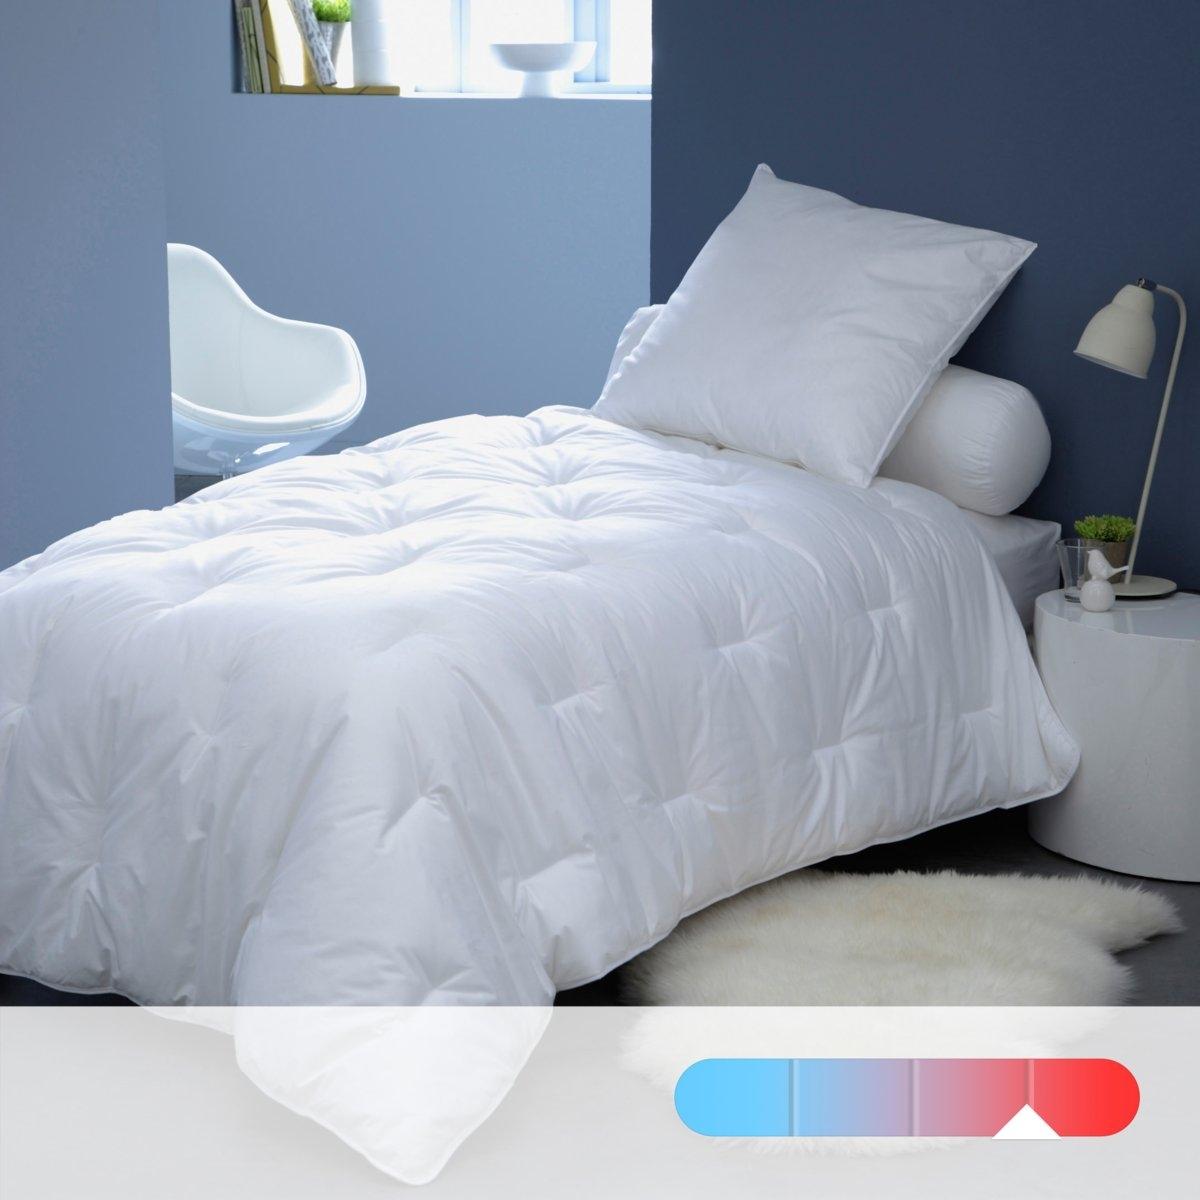 цена Одеяло La Redoute Синтетическое гм Quallofil air LESTRA 140 x 200 см белый онлайн в 2017 году